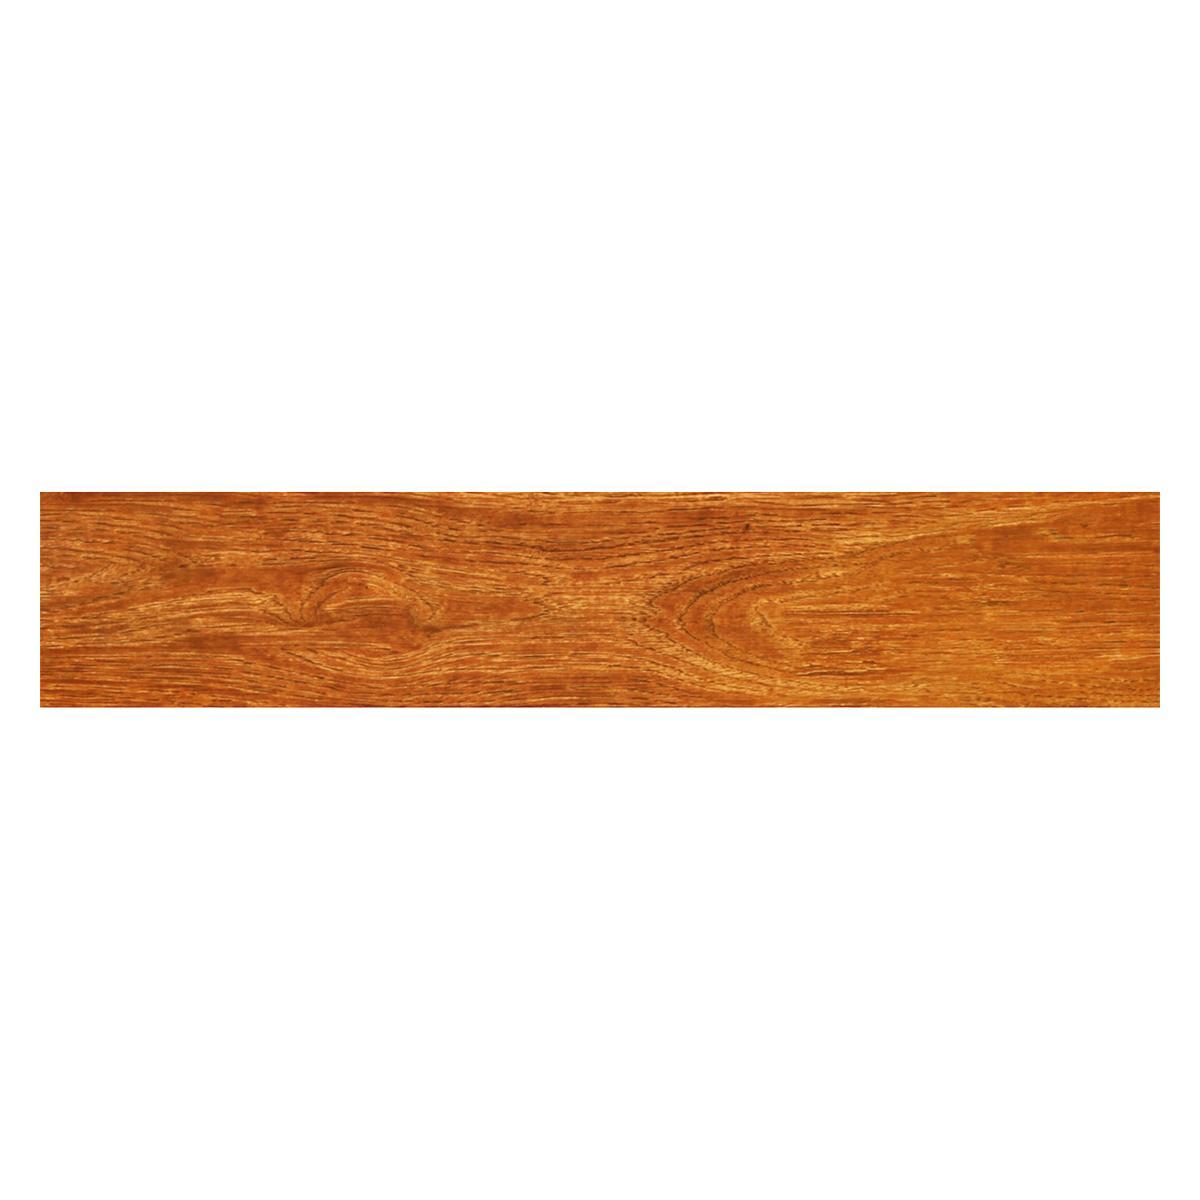 Zócalo Acacia Caramelo Brillante - 8.7X45 cm - 1 pza